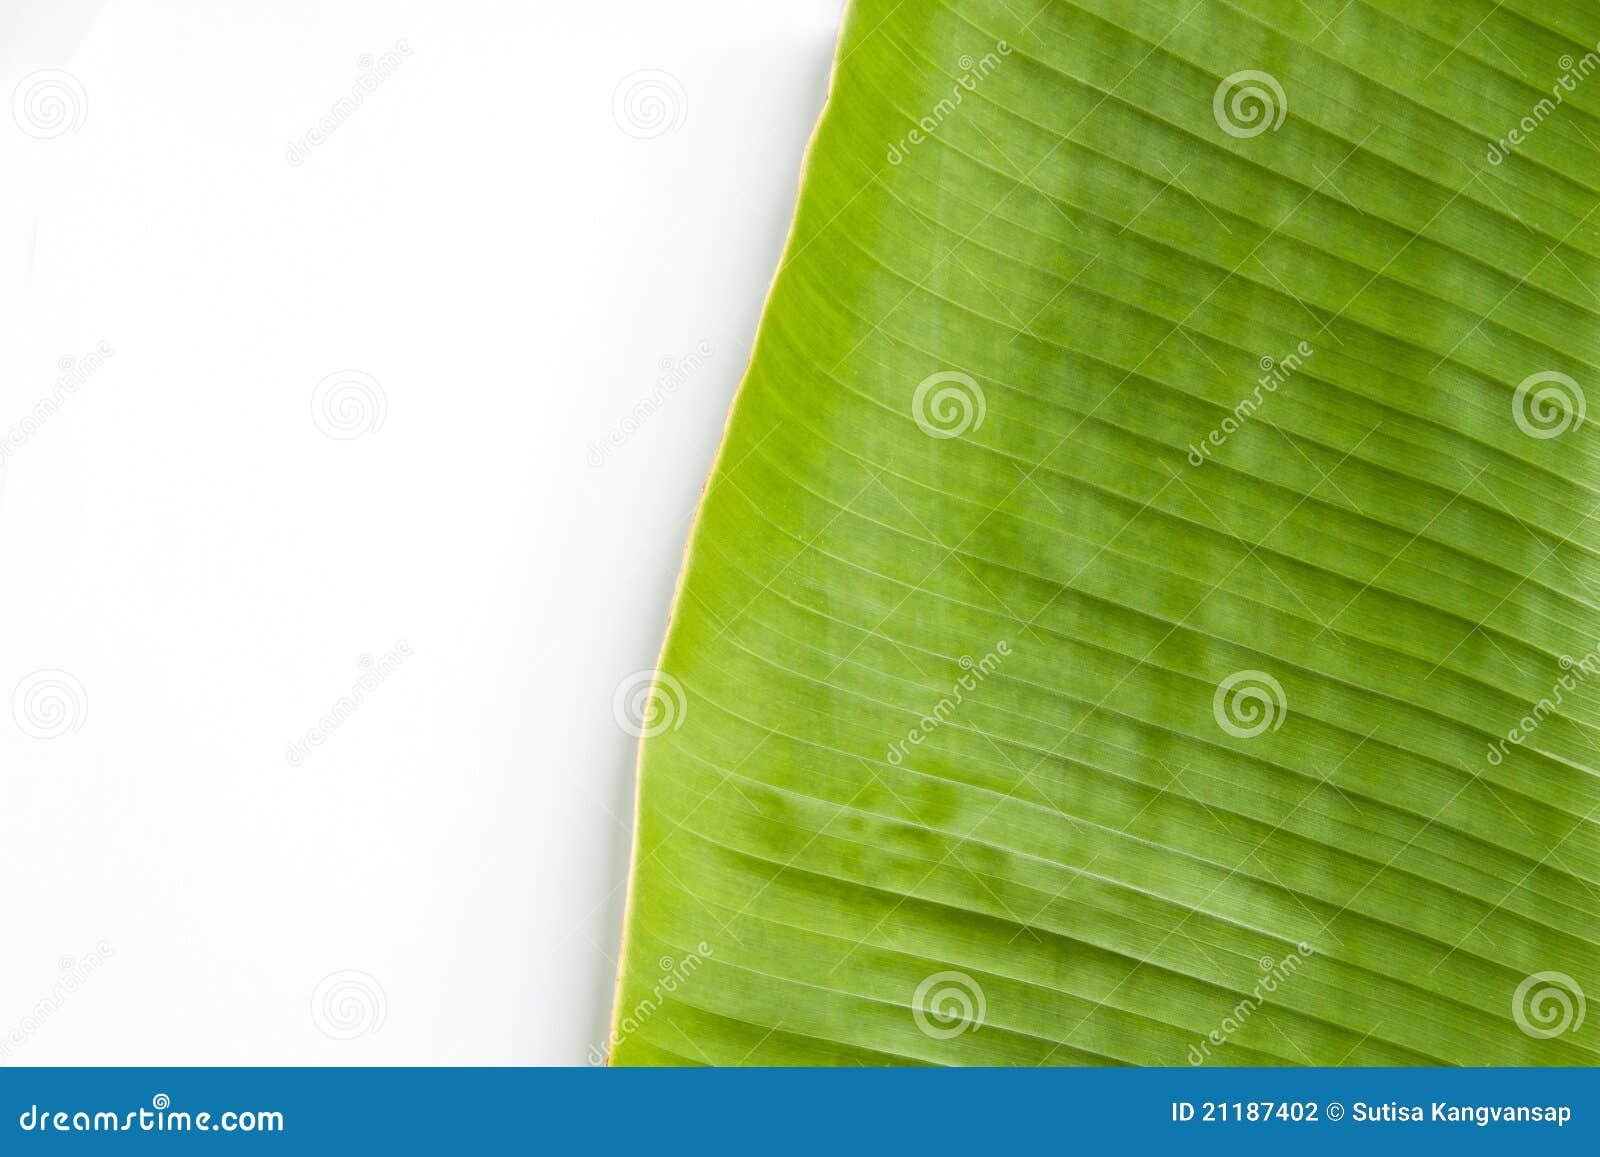 Banana leaf in white background